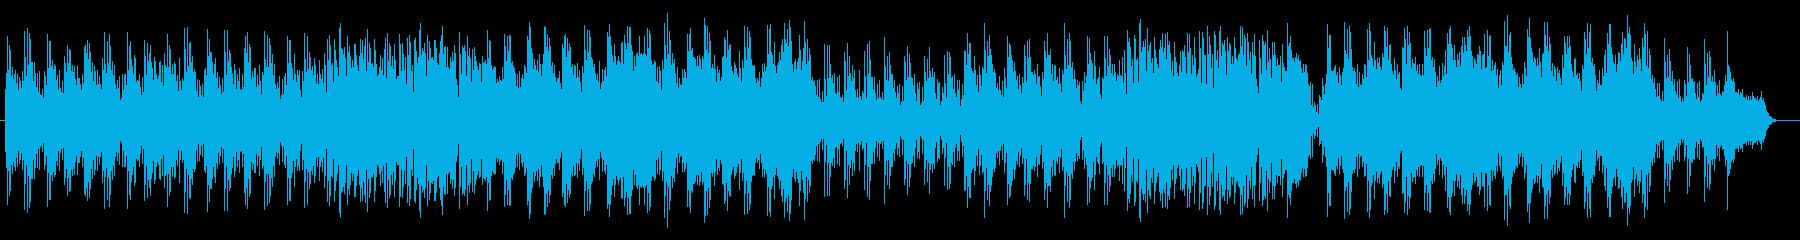 穏やかで優しいピアノクラシックの再生済みの波形